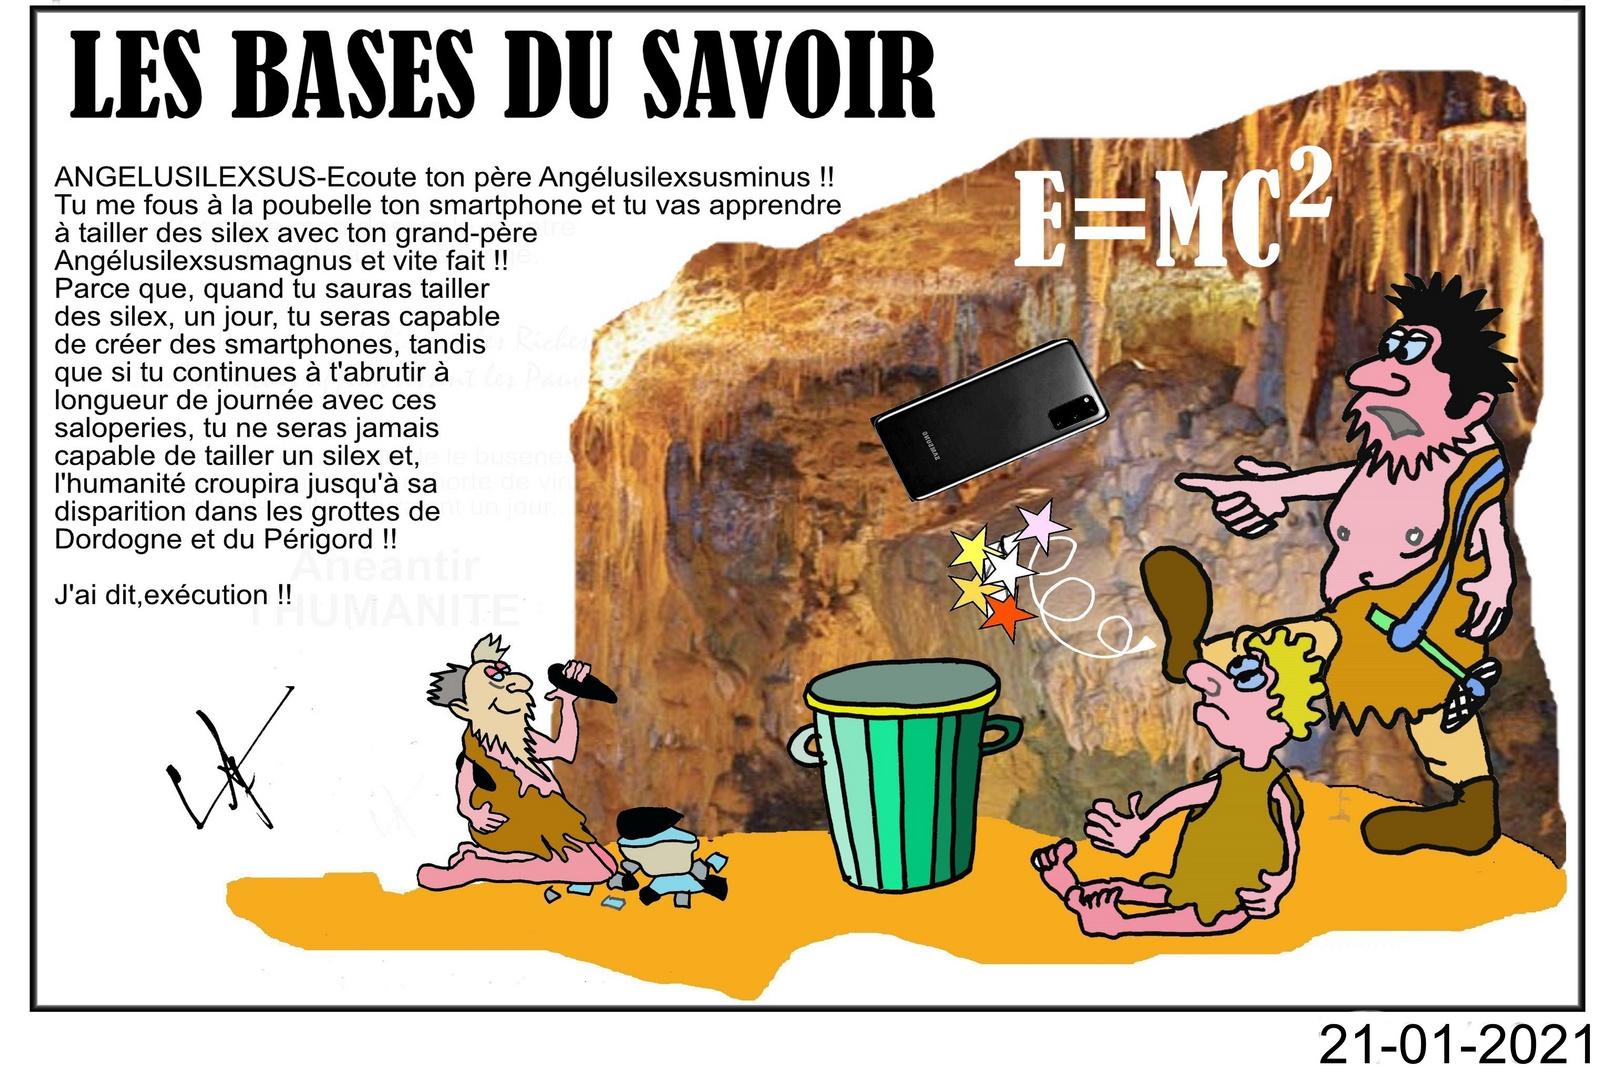 LES BASES DU SAVOIR- ENCADRE DATE